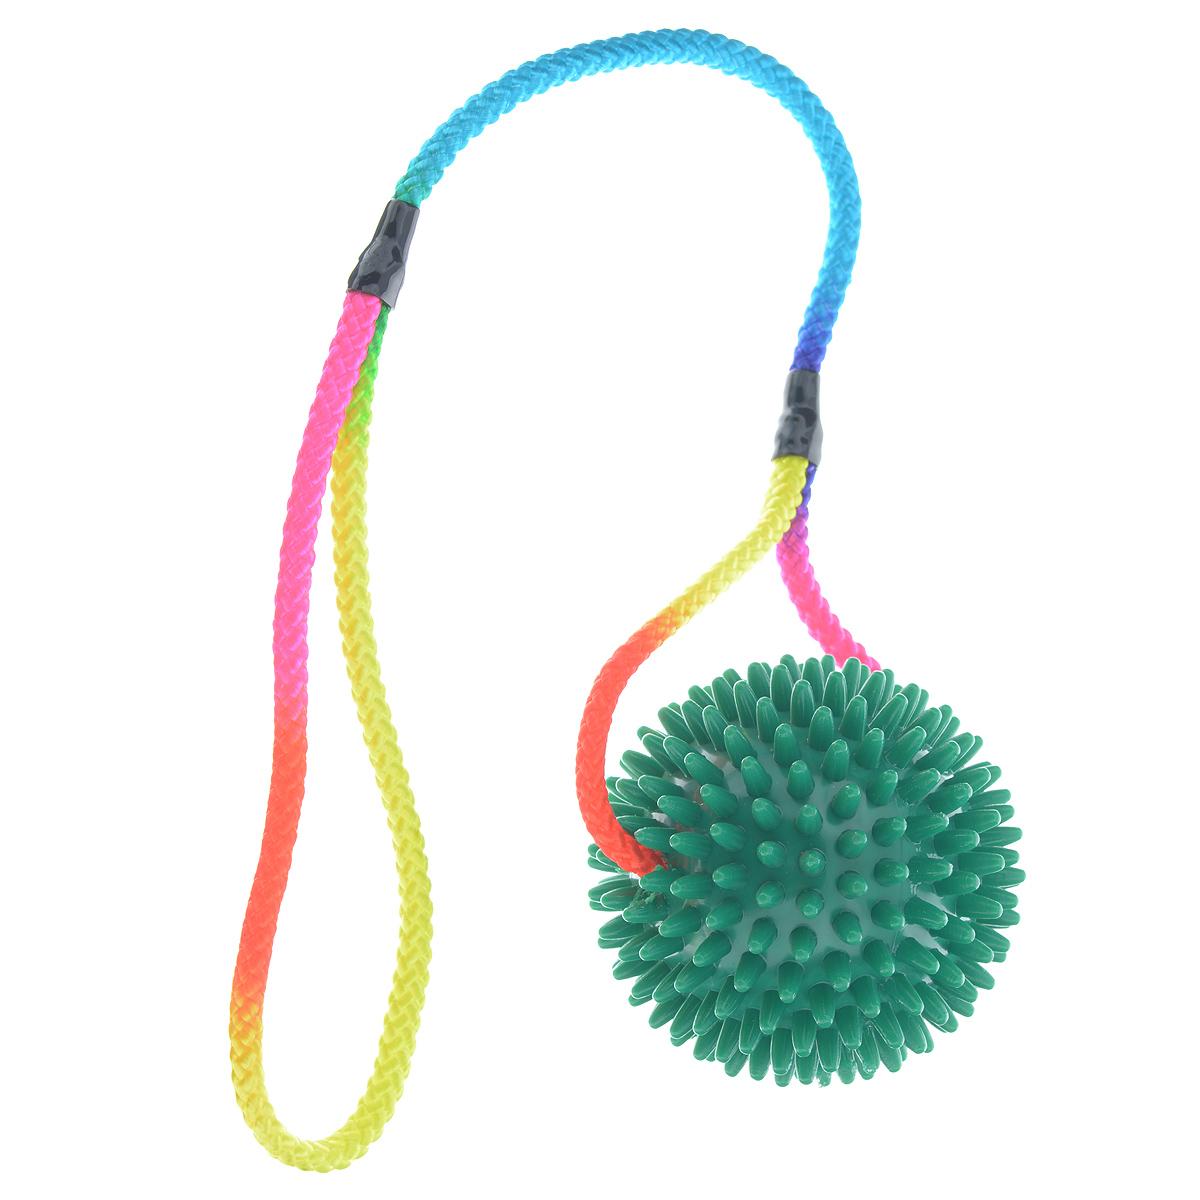 Игрушка для собак V.I.Pet Массажный мяч, на шнуре, цвет: зеленый, диаметр 9 см игрушка для собак safemade biggie bone цвет зеленый длина 20 см